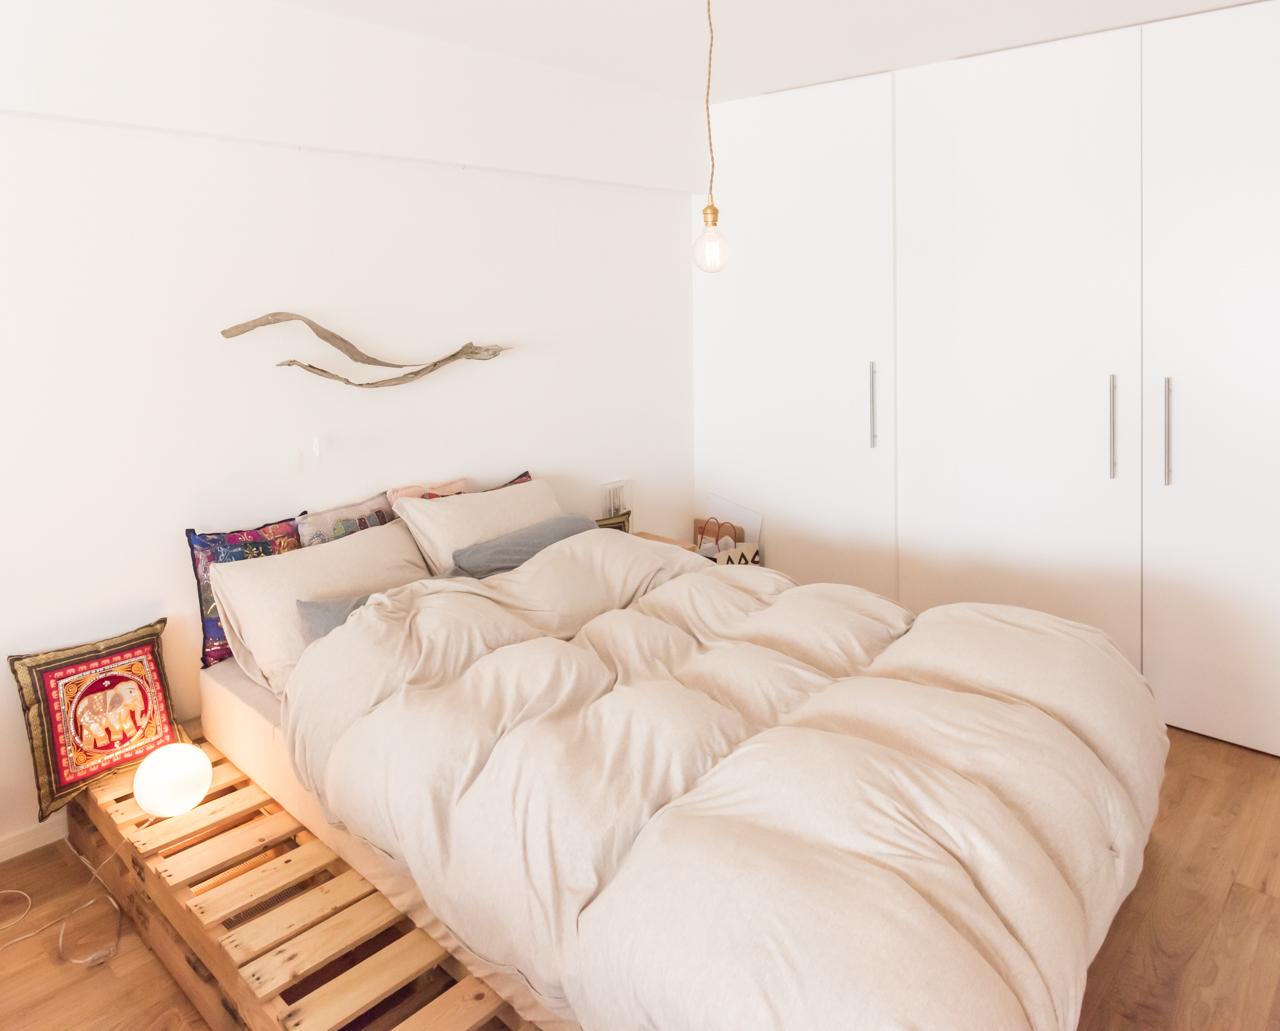 木製のパレットをベッドフレーム代わりに使うアイディア。あえてマットレスより大きめのサイズにすることでサイドテーブルも兼ねています。(このお部屋はこちら)